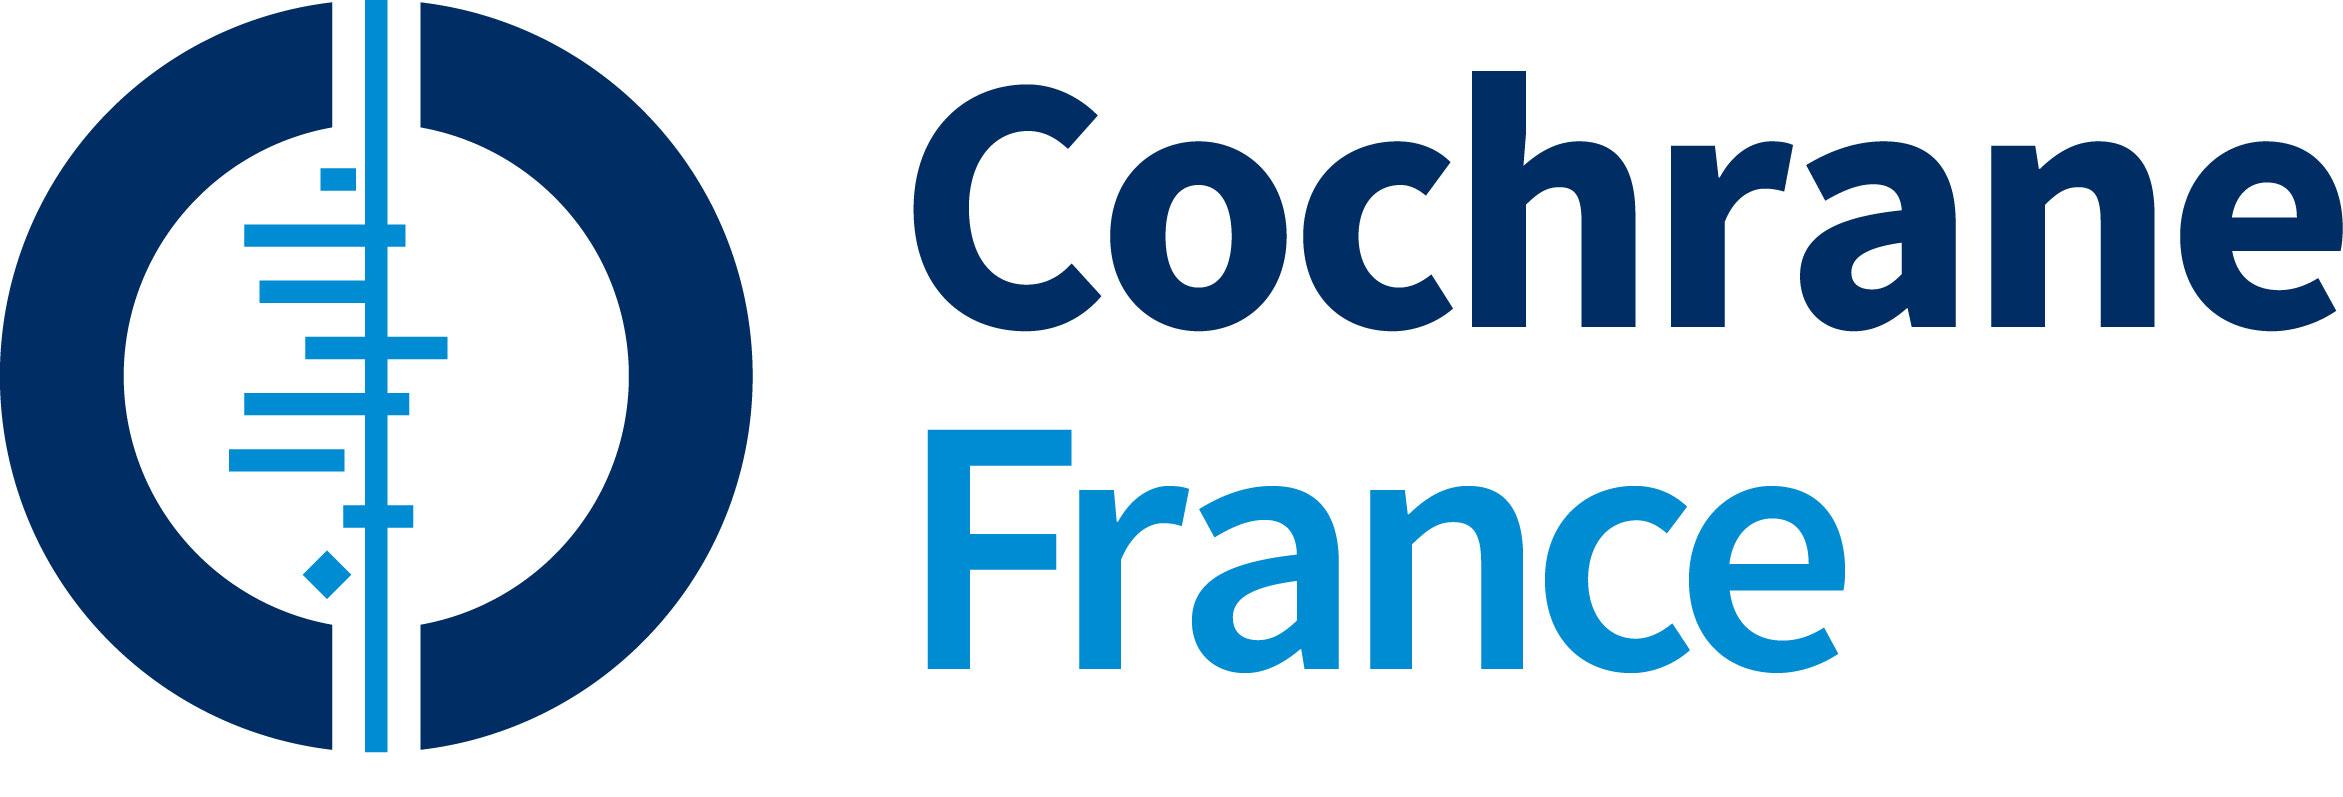 Cochrane France